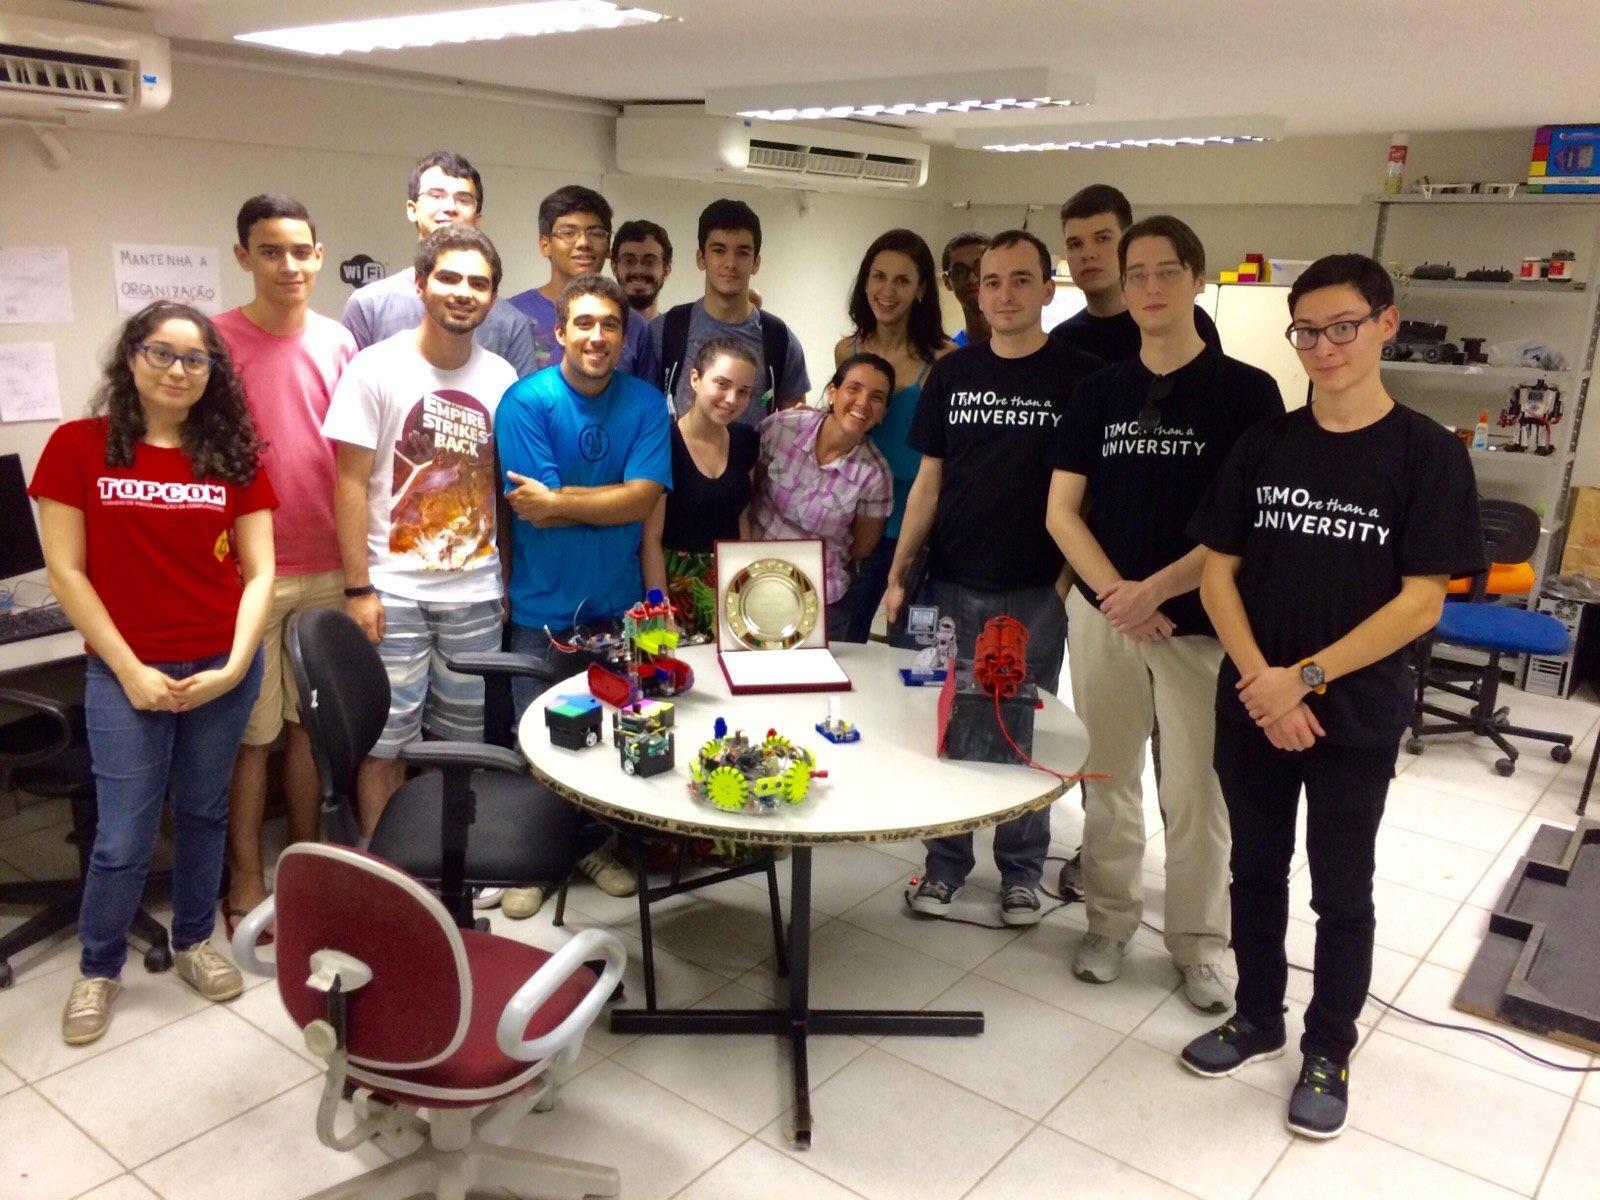 Как студенты Университета ИТМО создают роботов - 4